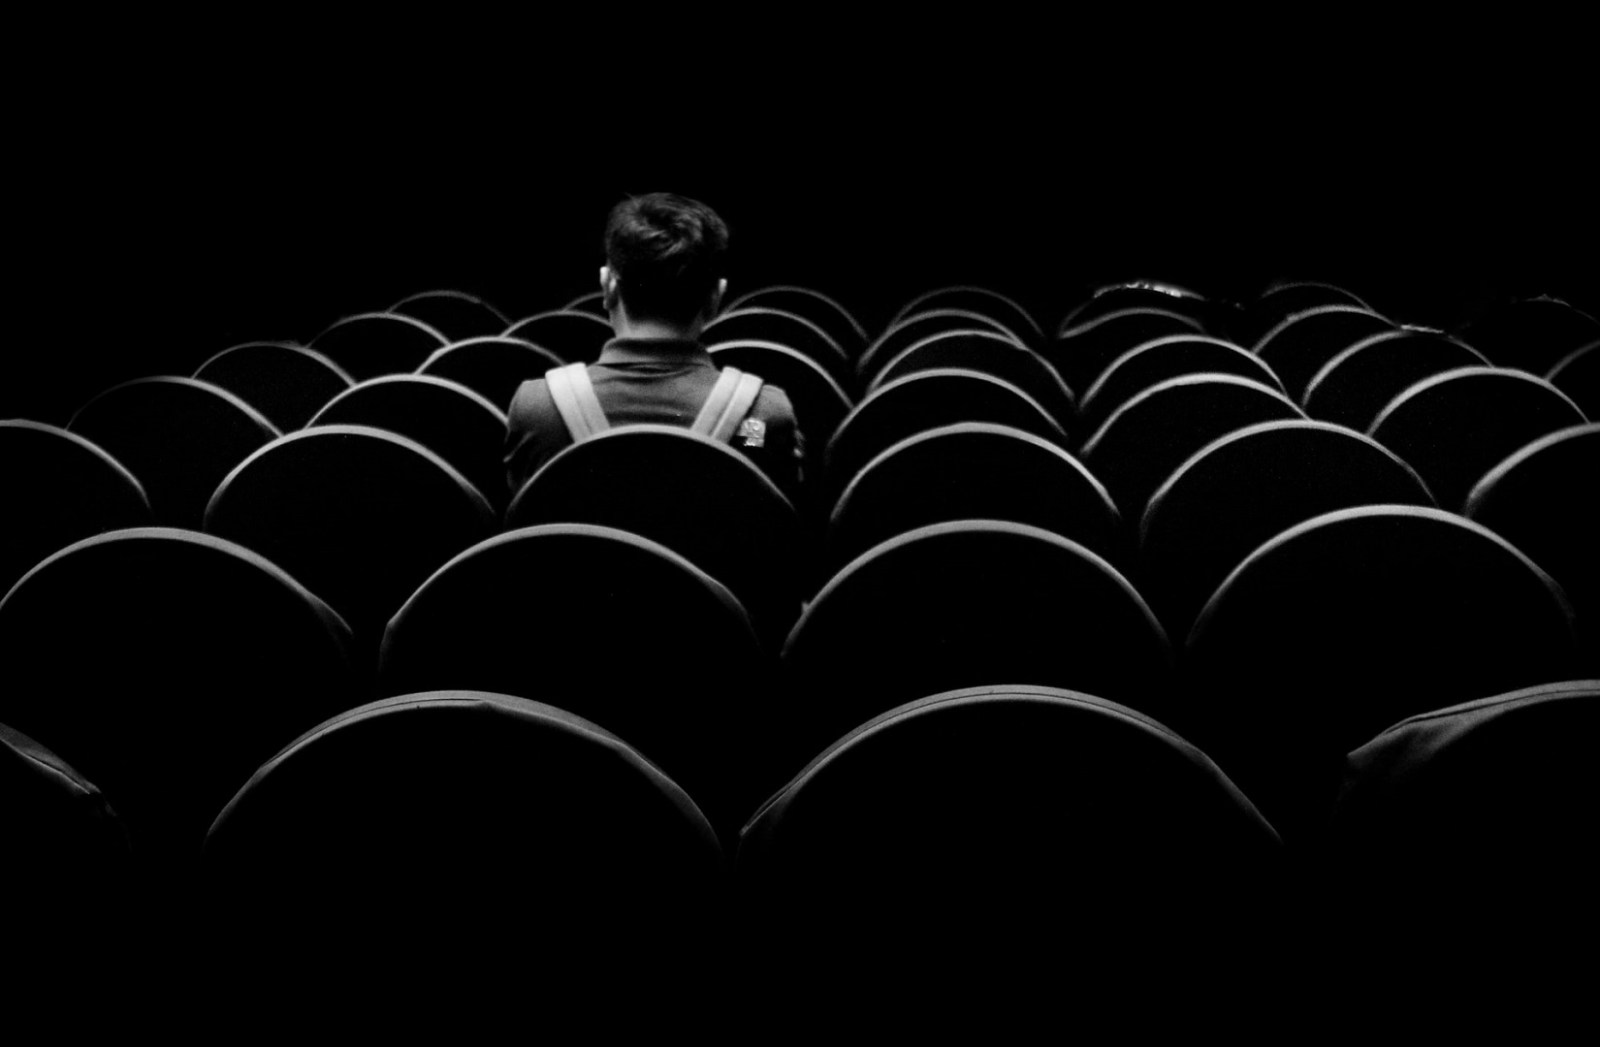 Dunkle Stellen gibt es auch beim Mythos 9/11. Eine Person sitzt in einem dunklen Saal. (Foto: Dibakar Roy, Unsplash.com)